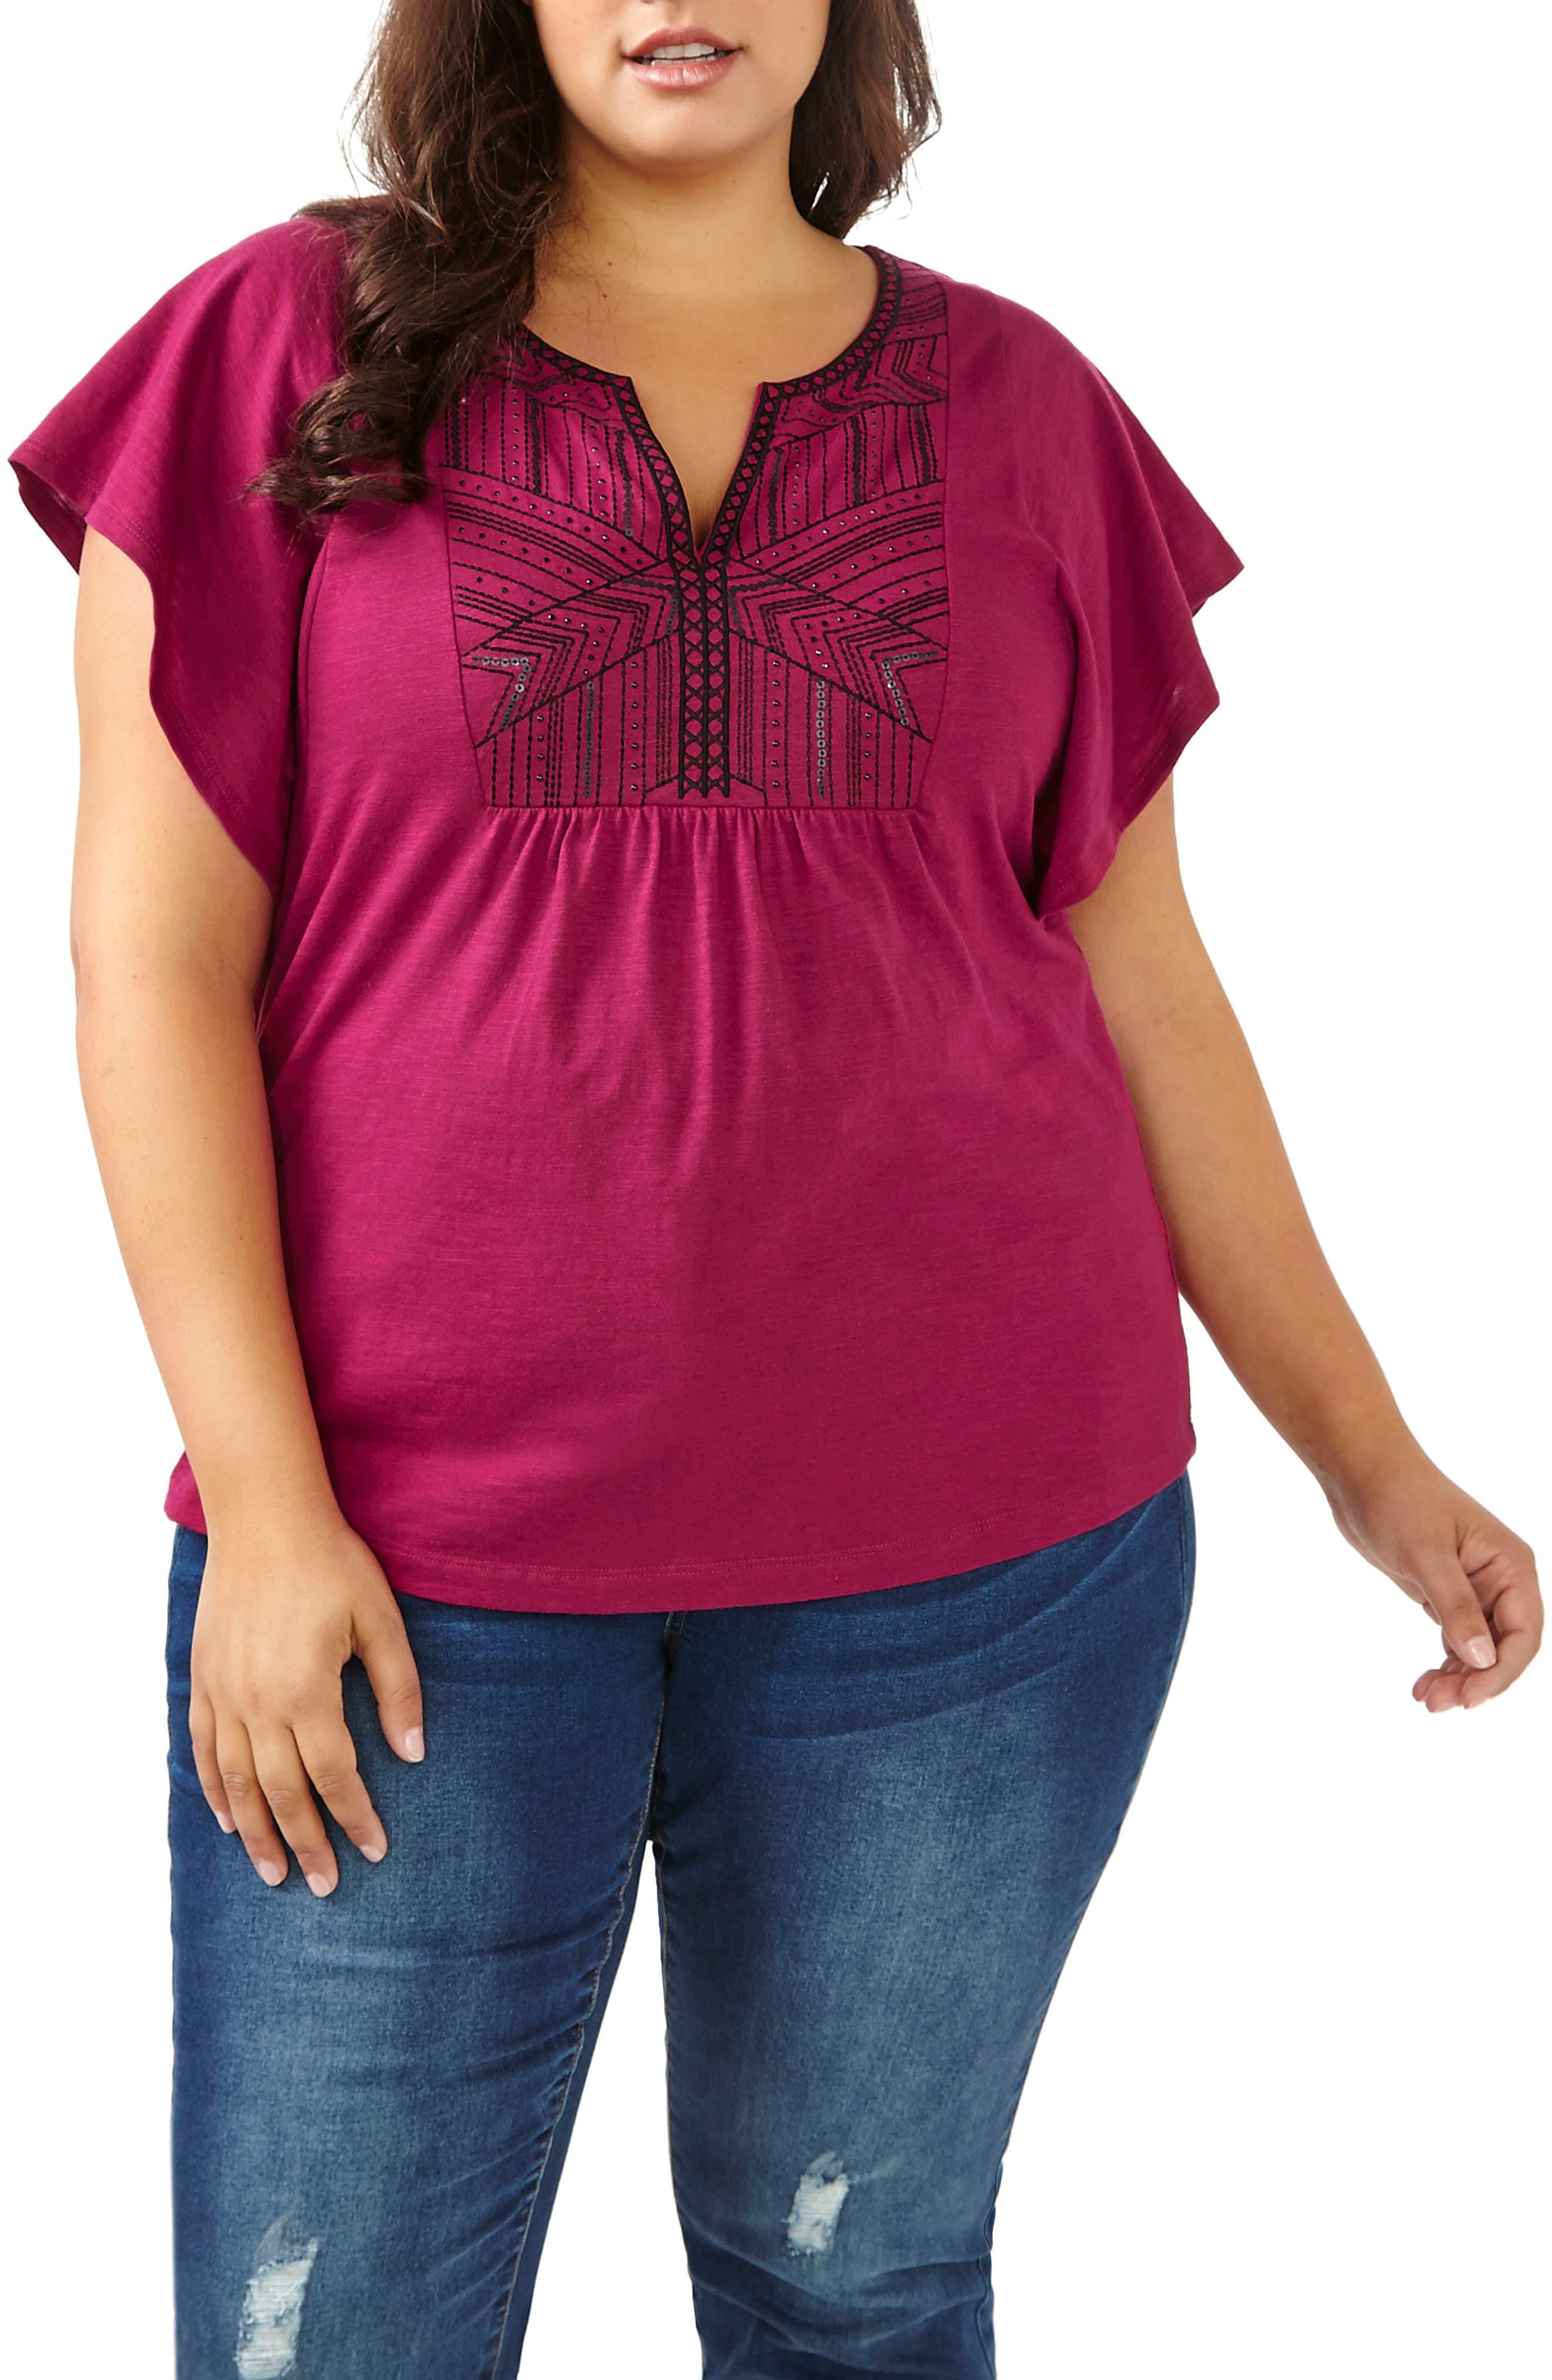 ADDITION ELLE LOVE AND LEGEND Embellished Flutter Sleeve Top (Plus Size)